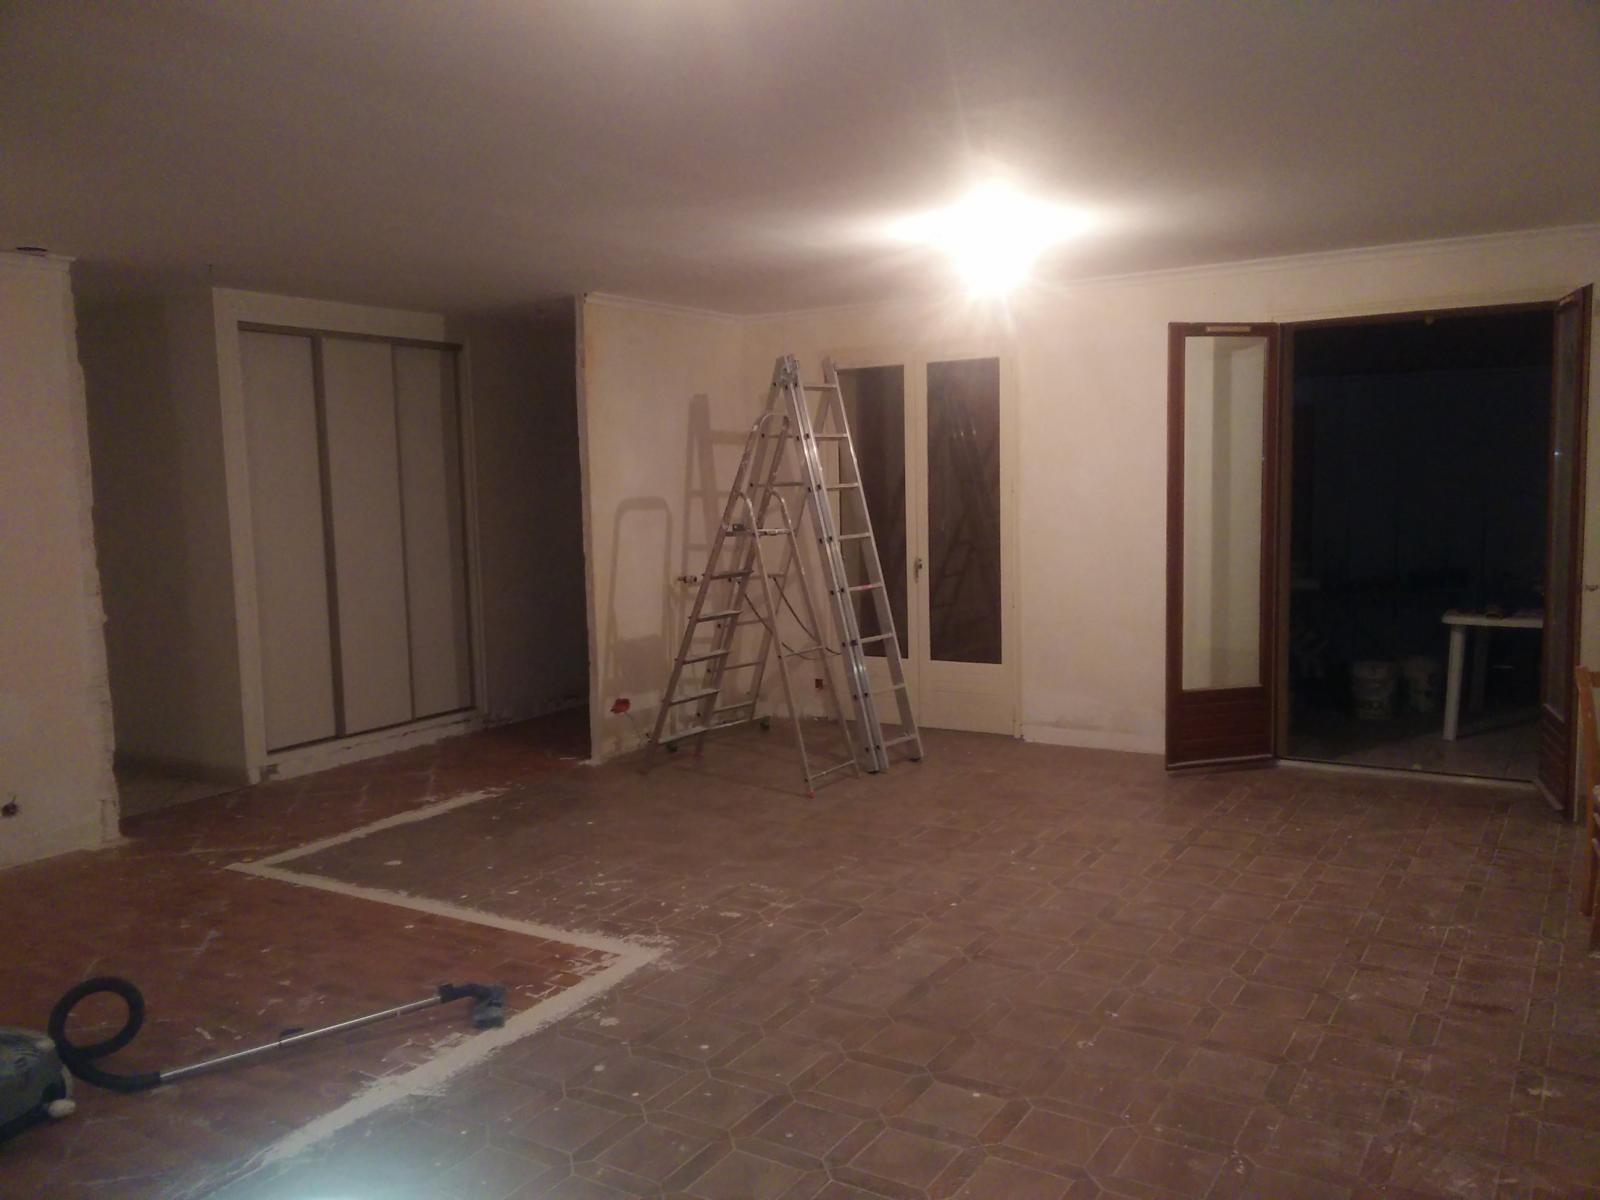 Casser Une Cloison En Brique casser une cloison en brique avec plafond suspendu